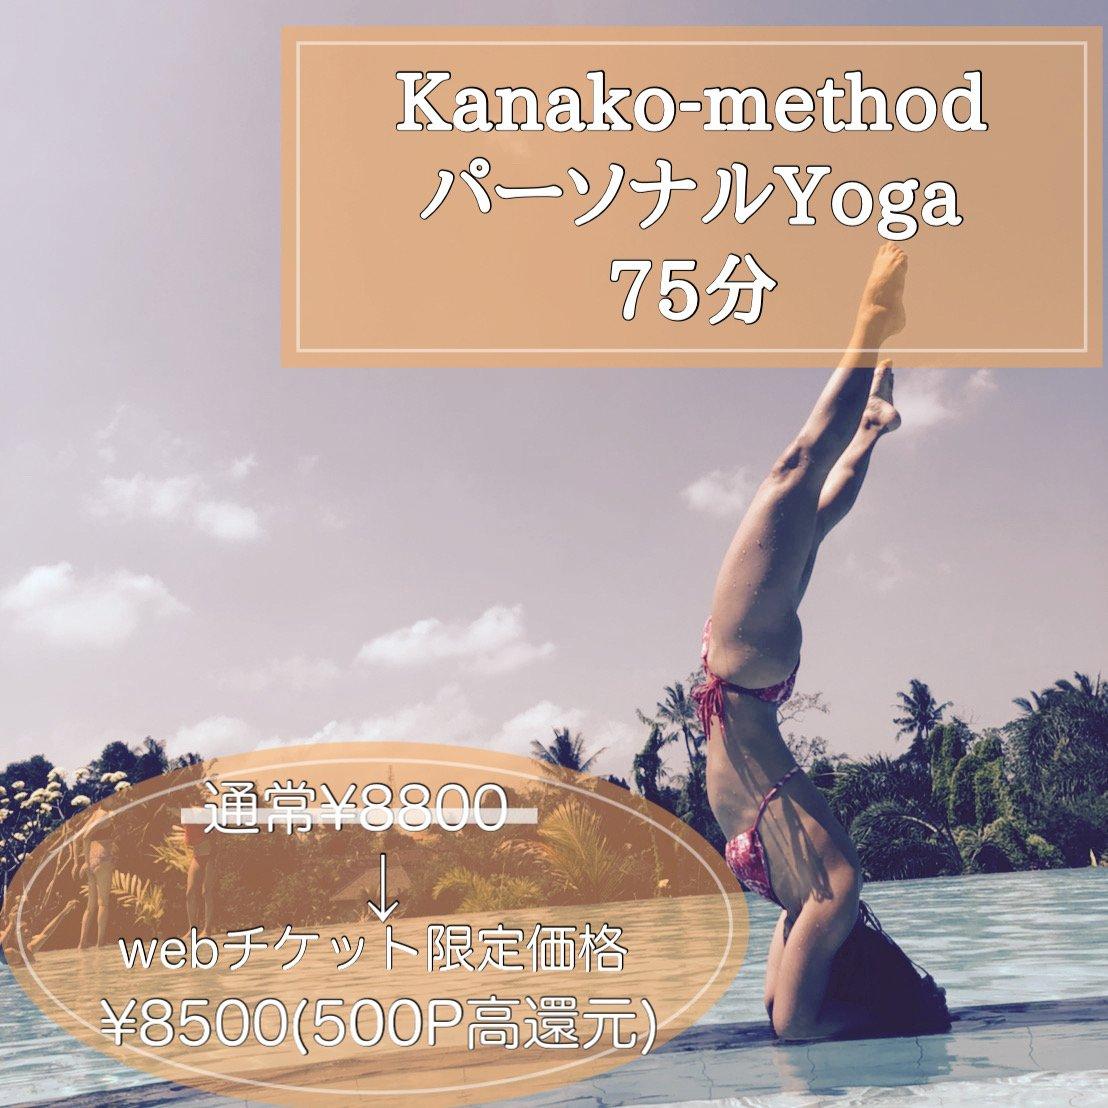 【対面】Kanakoメソッド/yogaレッスン75分《高ポイント還元》のイメージその1